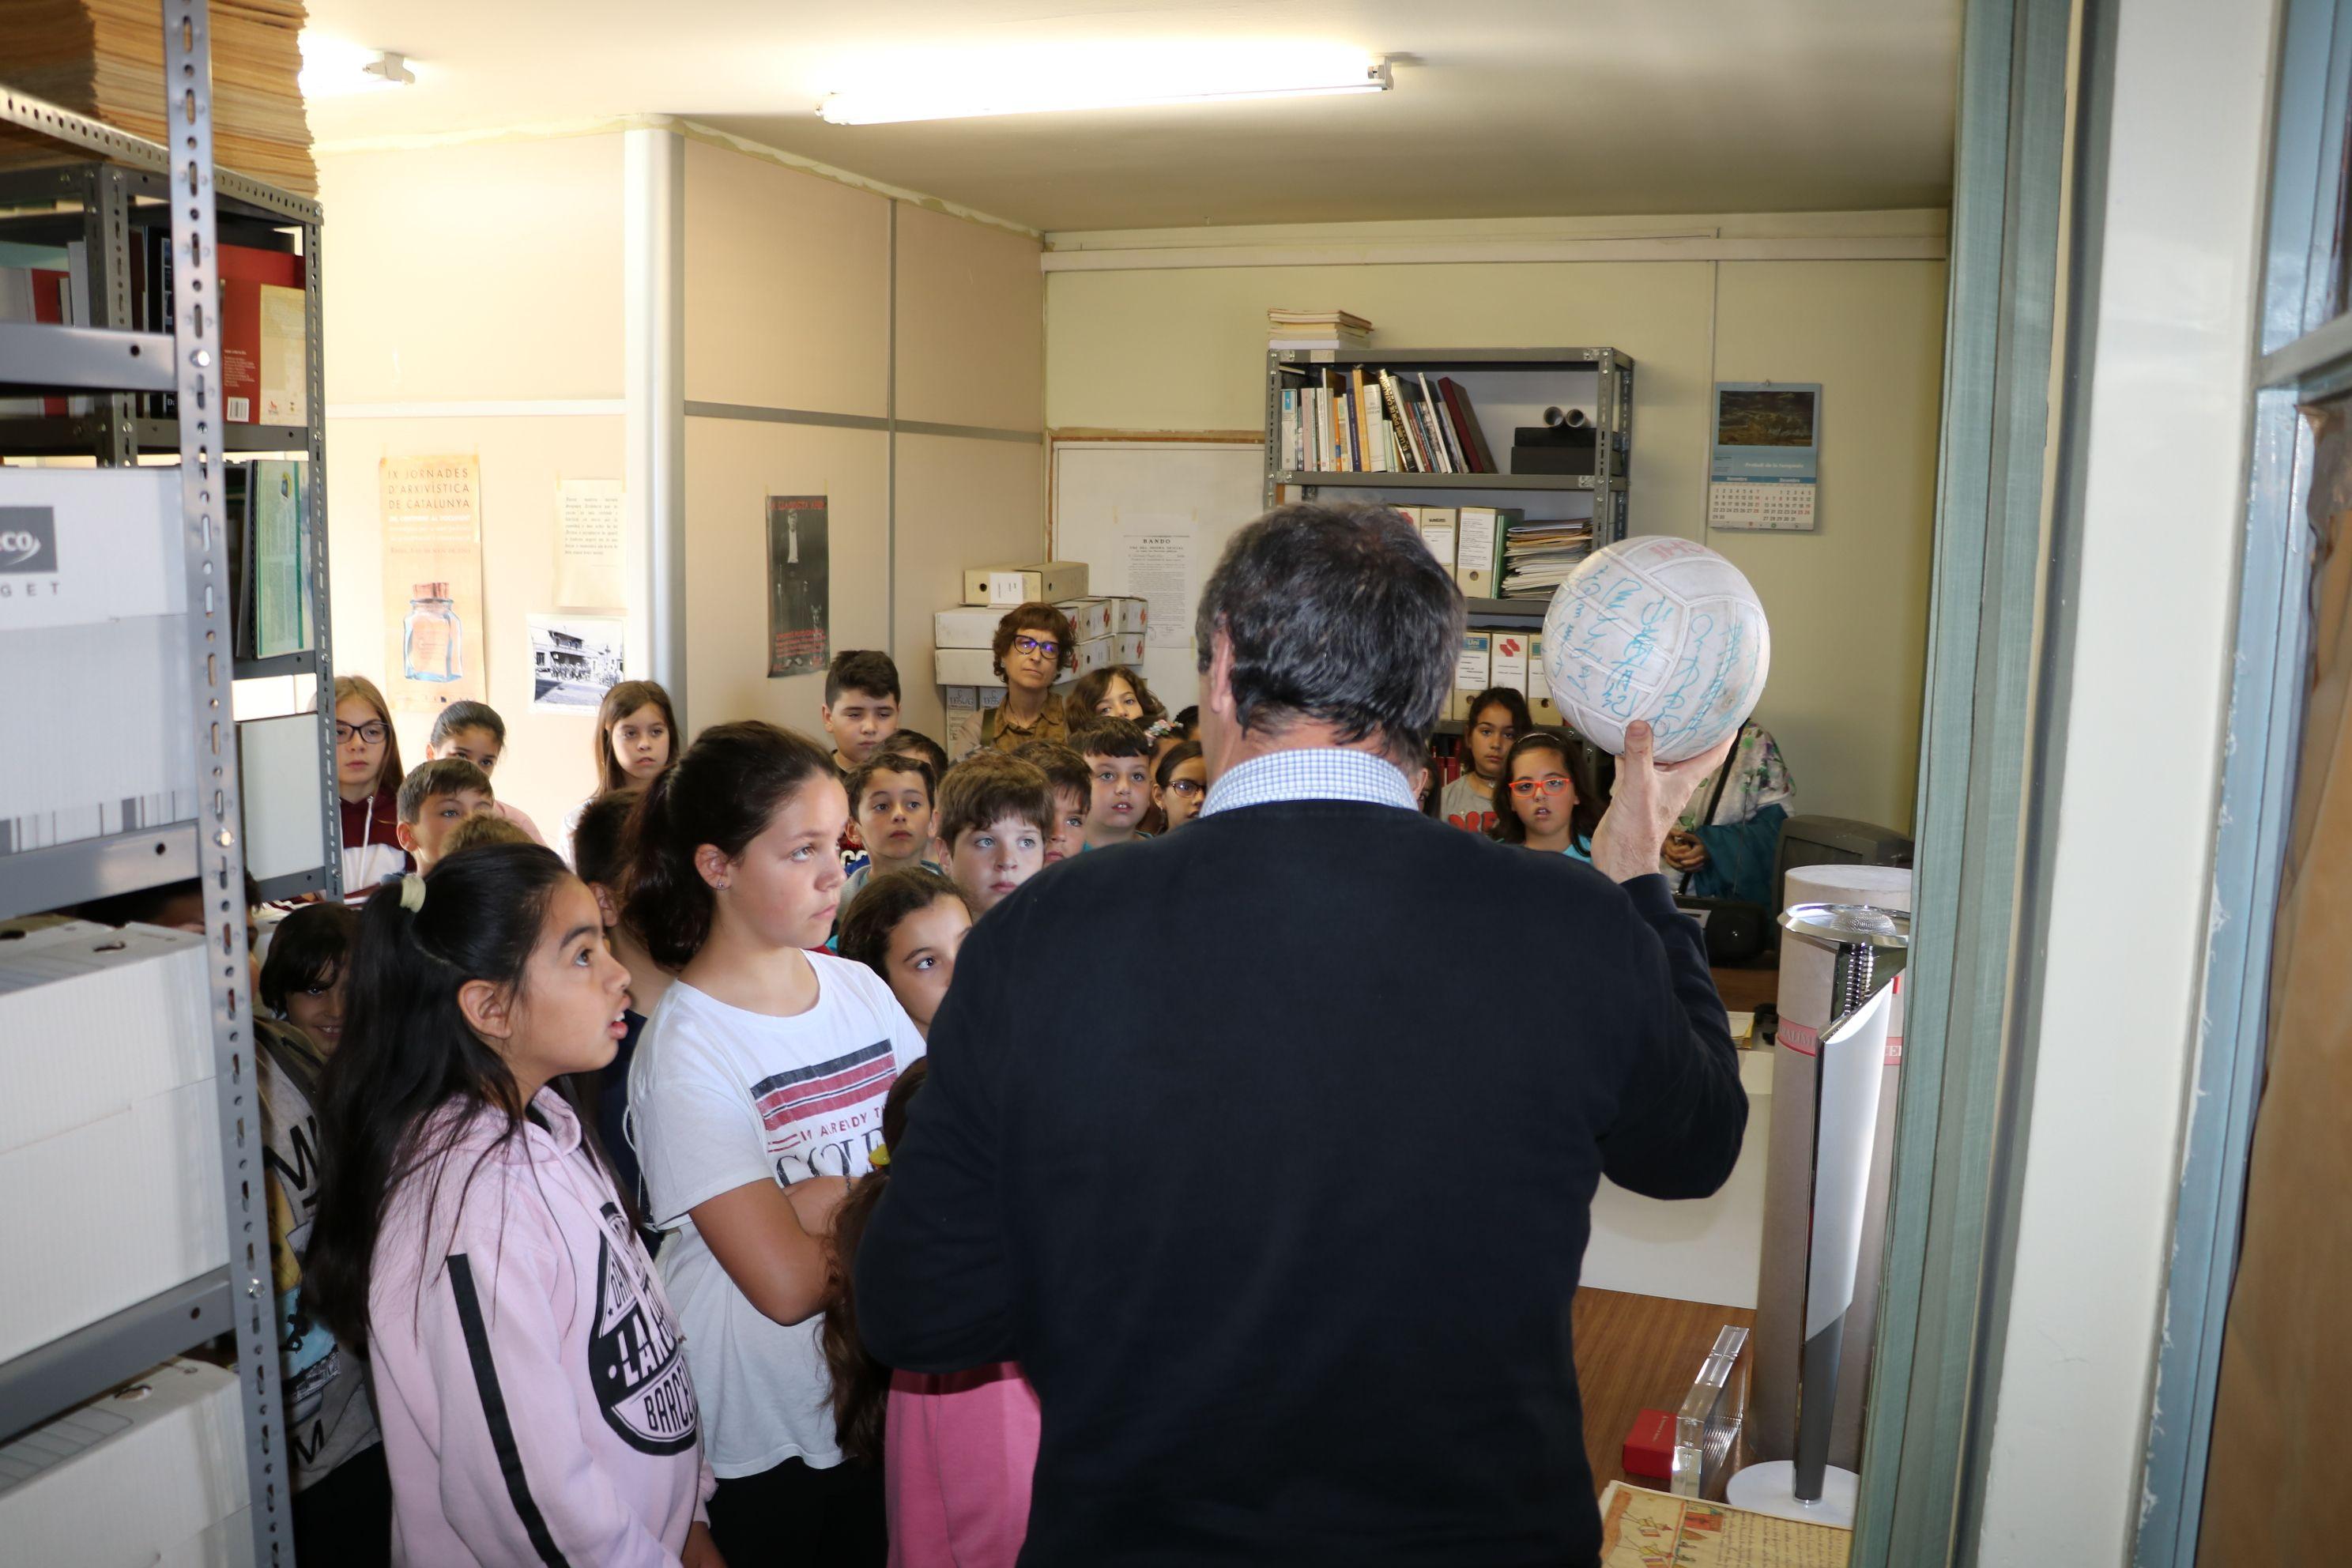 Els estudiants de quart de Primària de l'Escola Joan Maragall han visitat avui l'Ajuntament